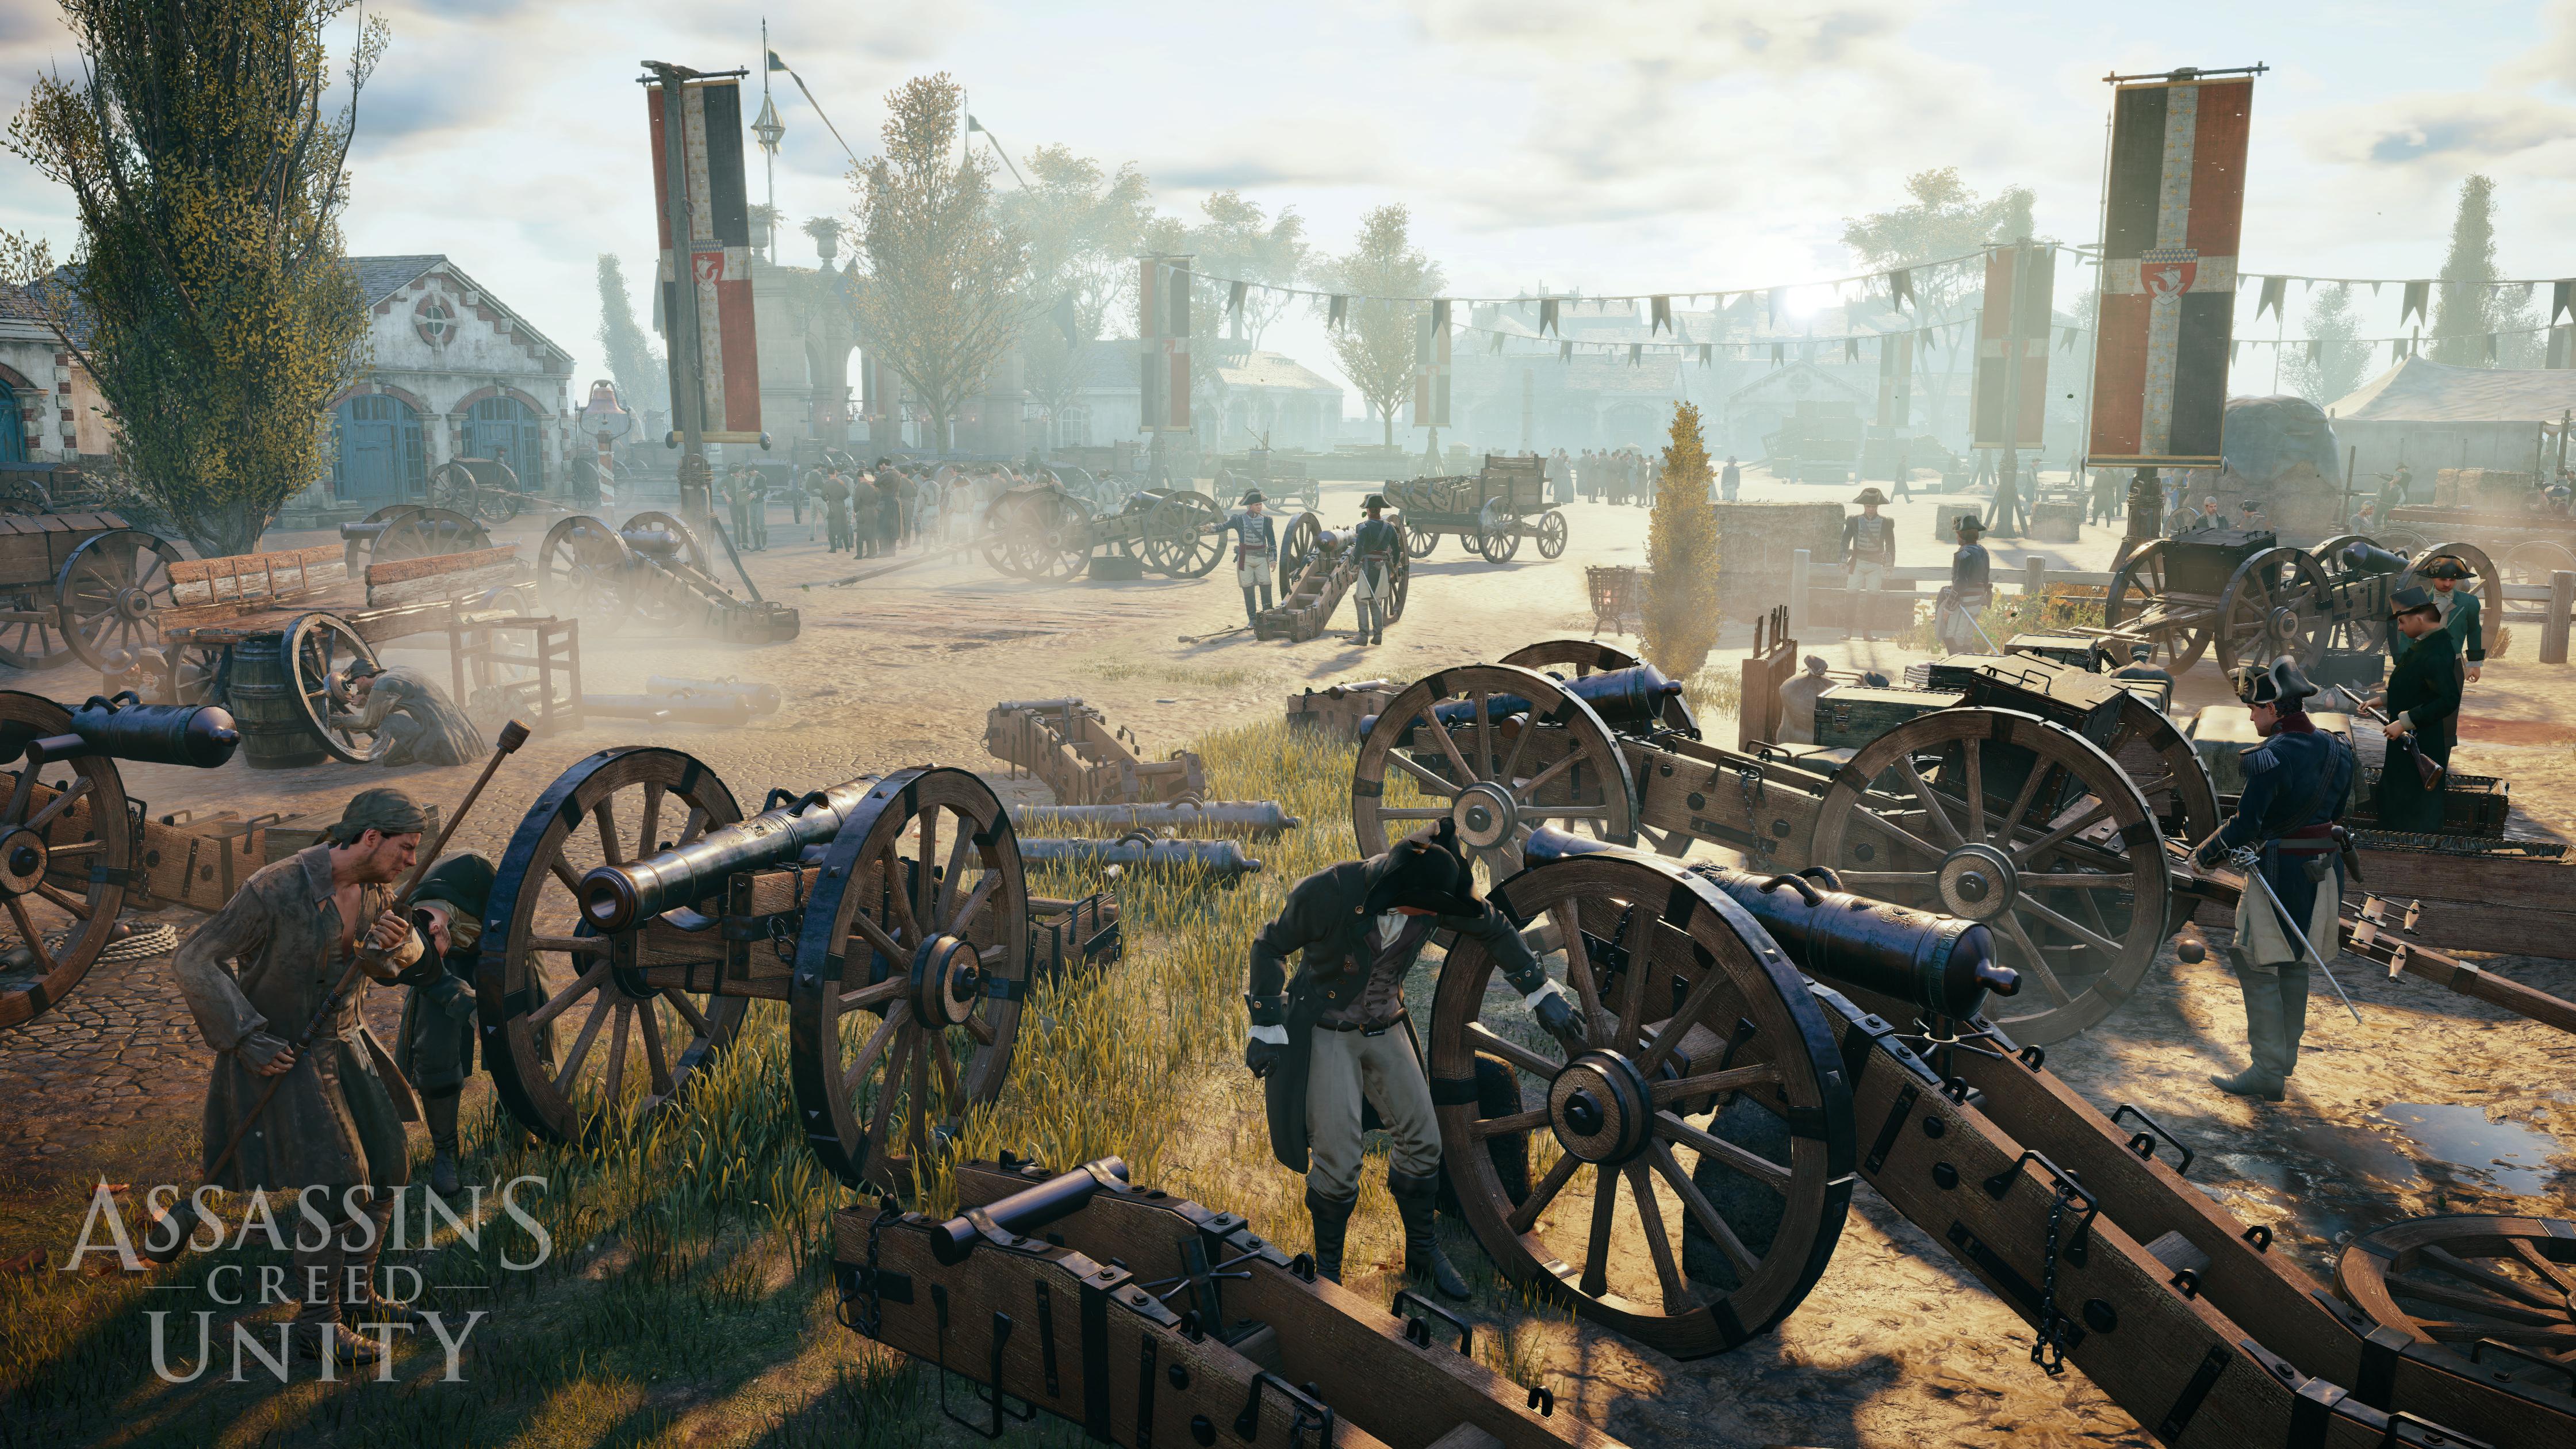 Assassins Creed Unity Wallpaper assasis